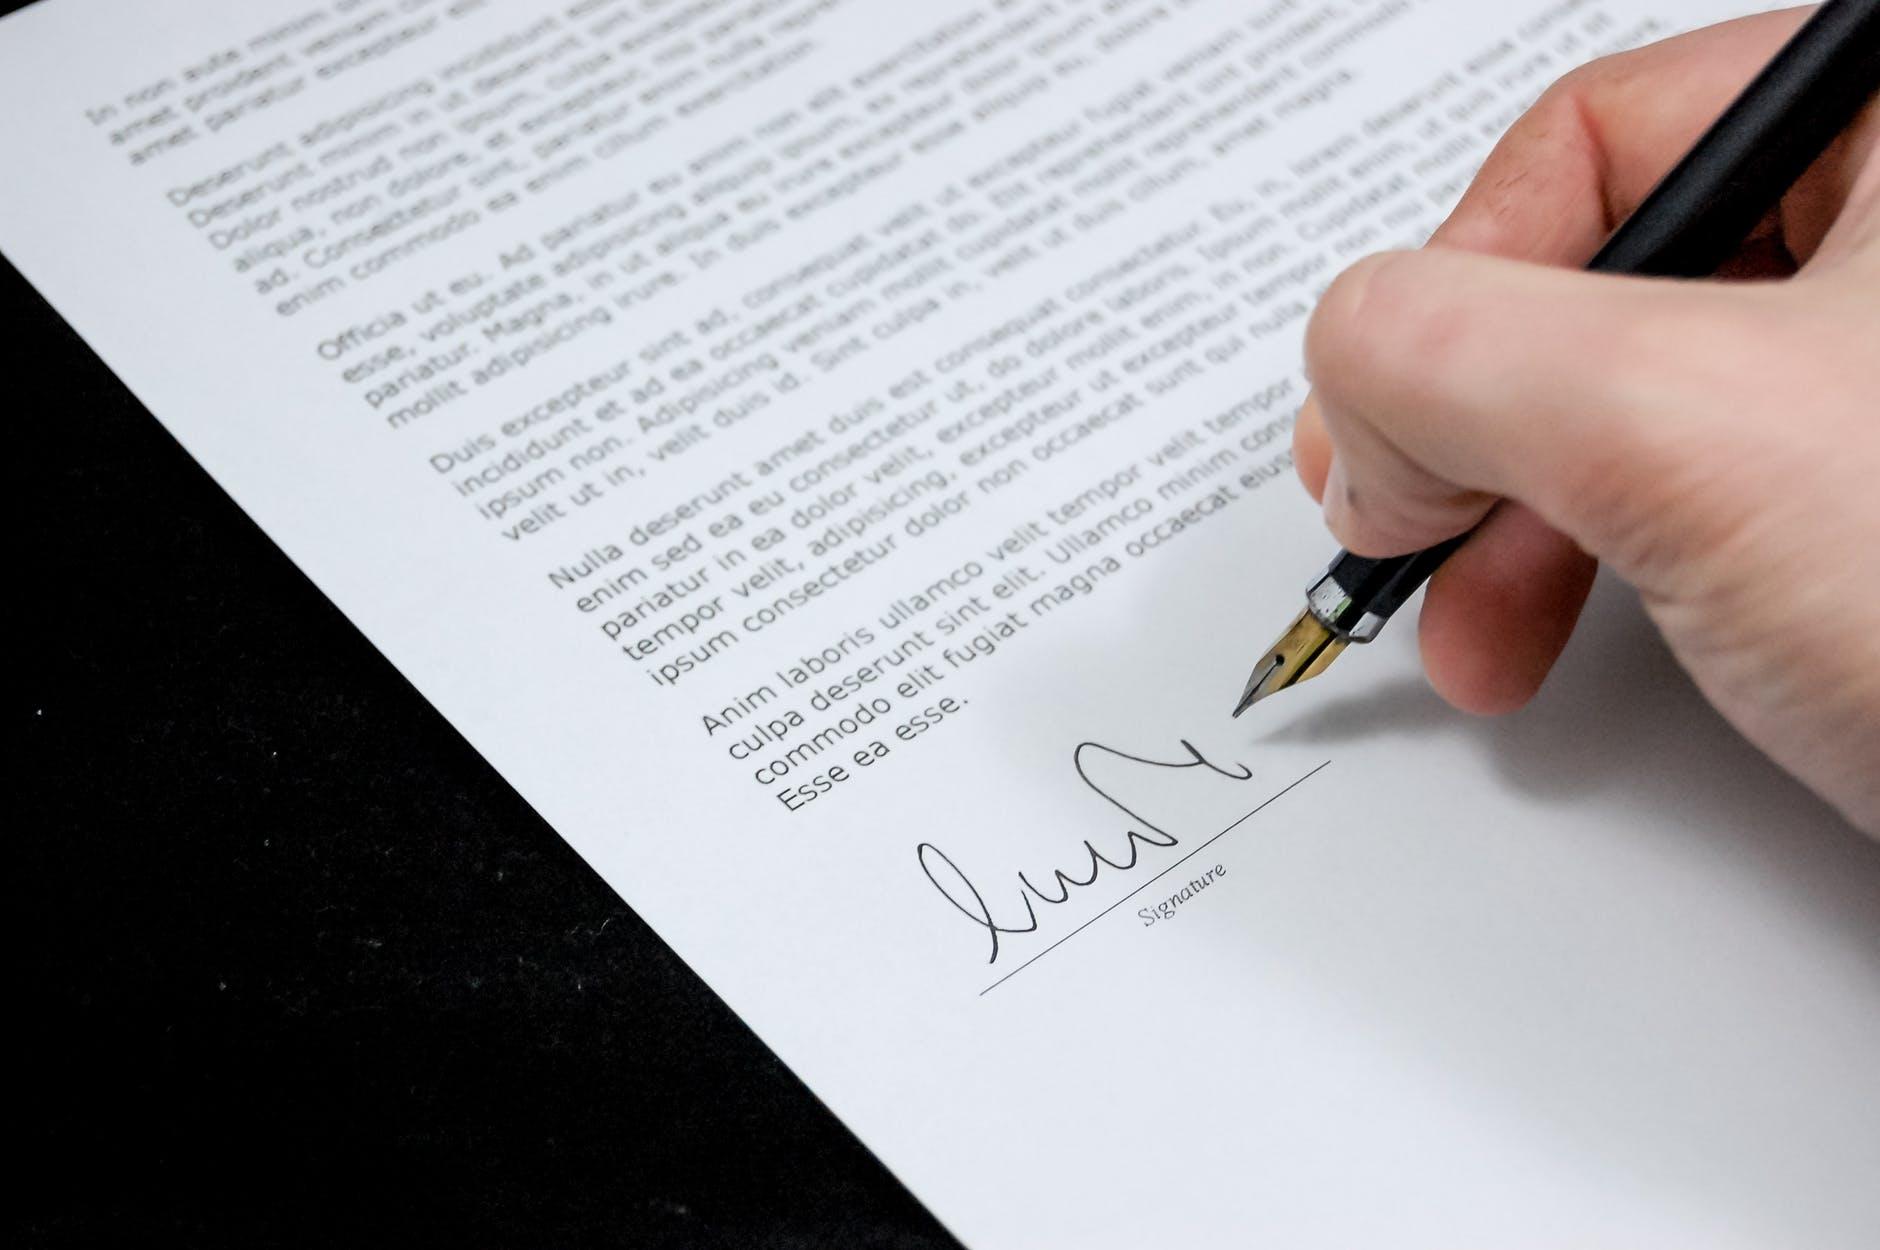 La signature électronique du contrat de travail